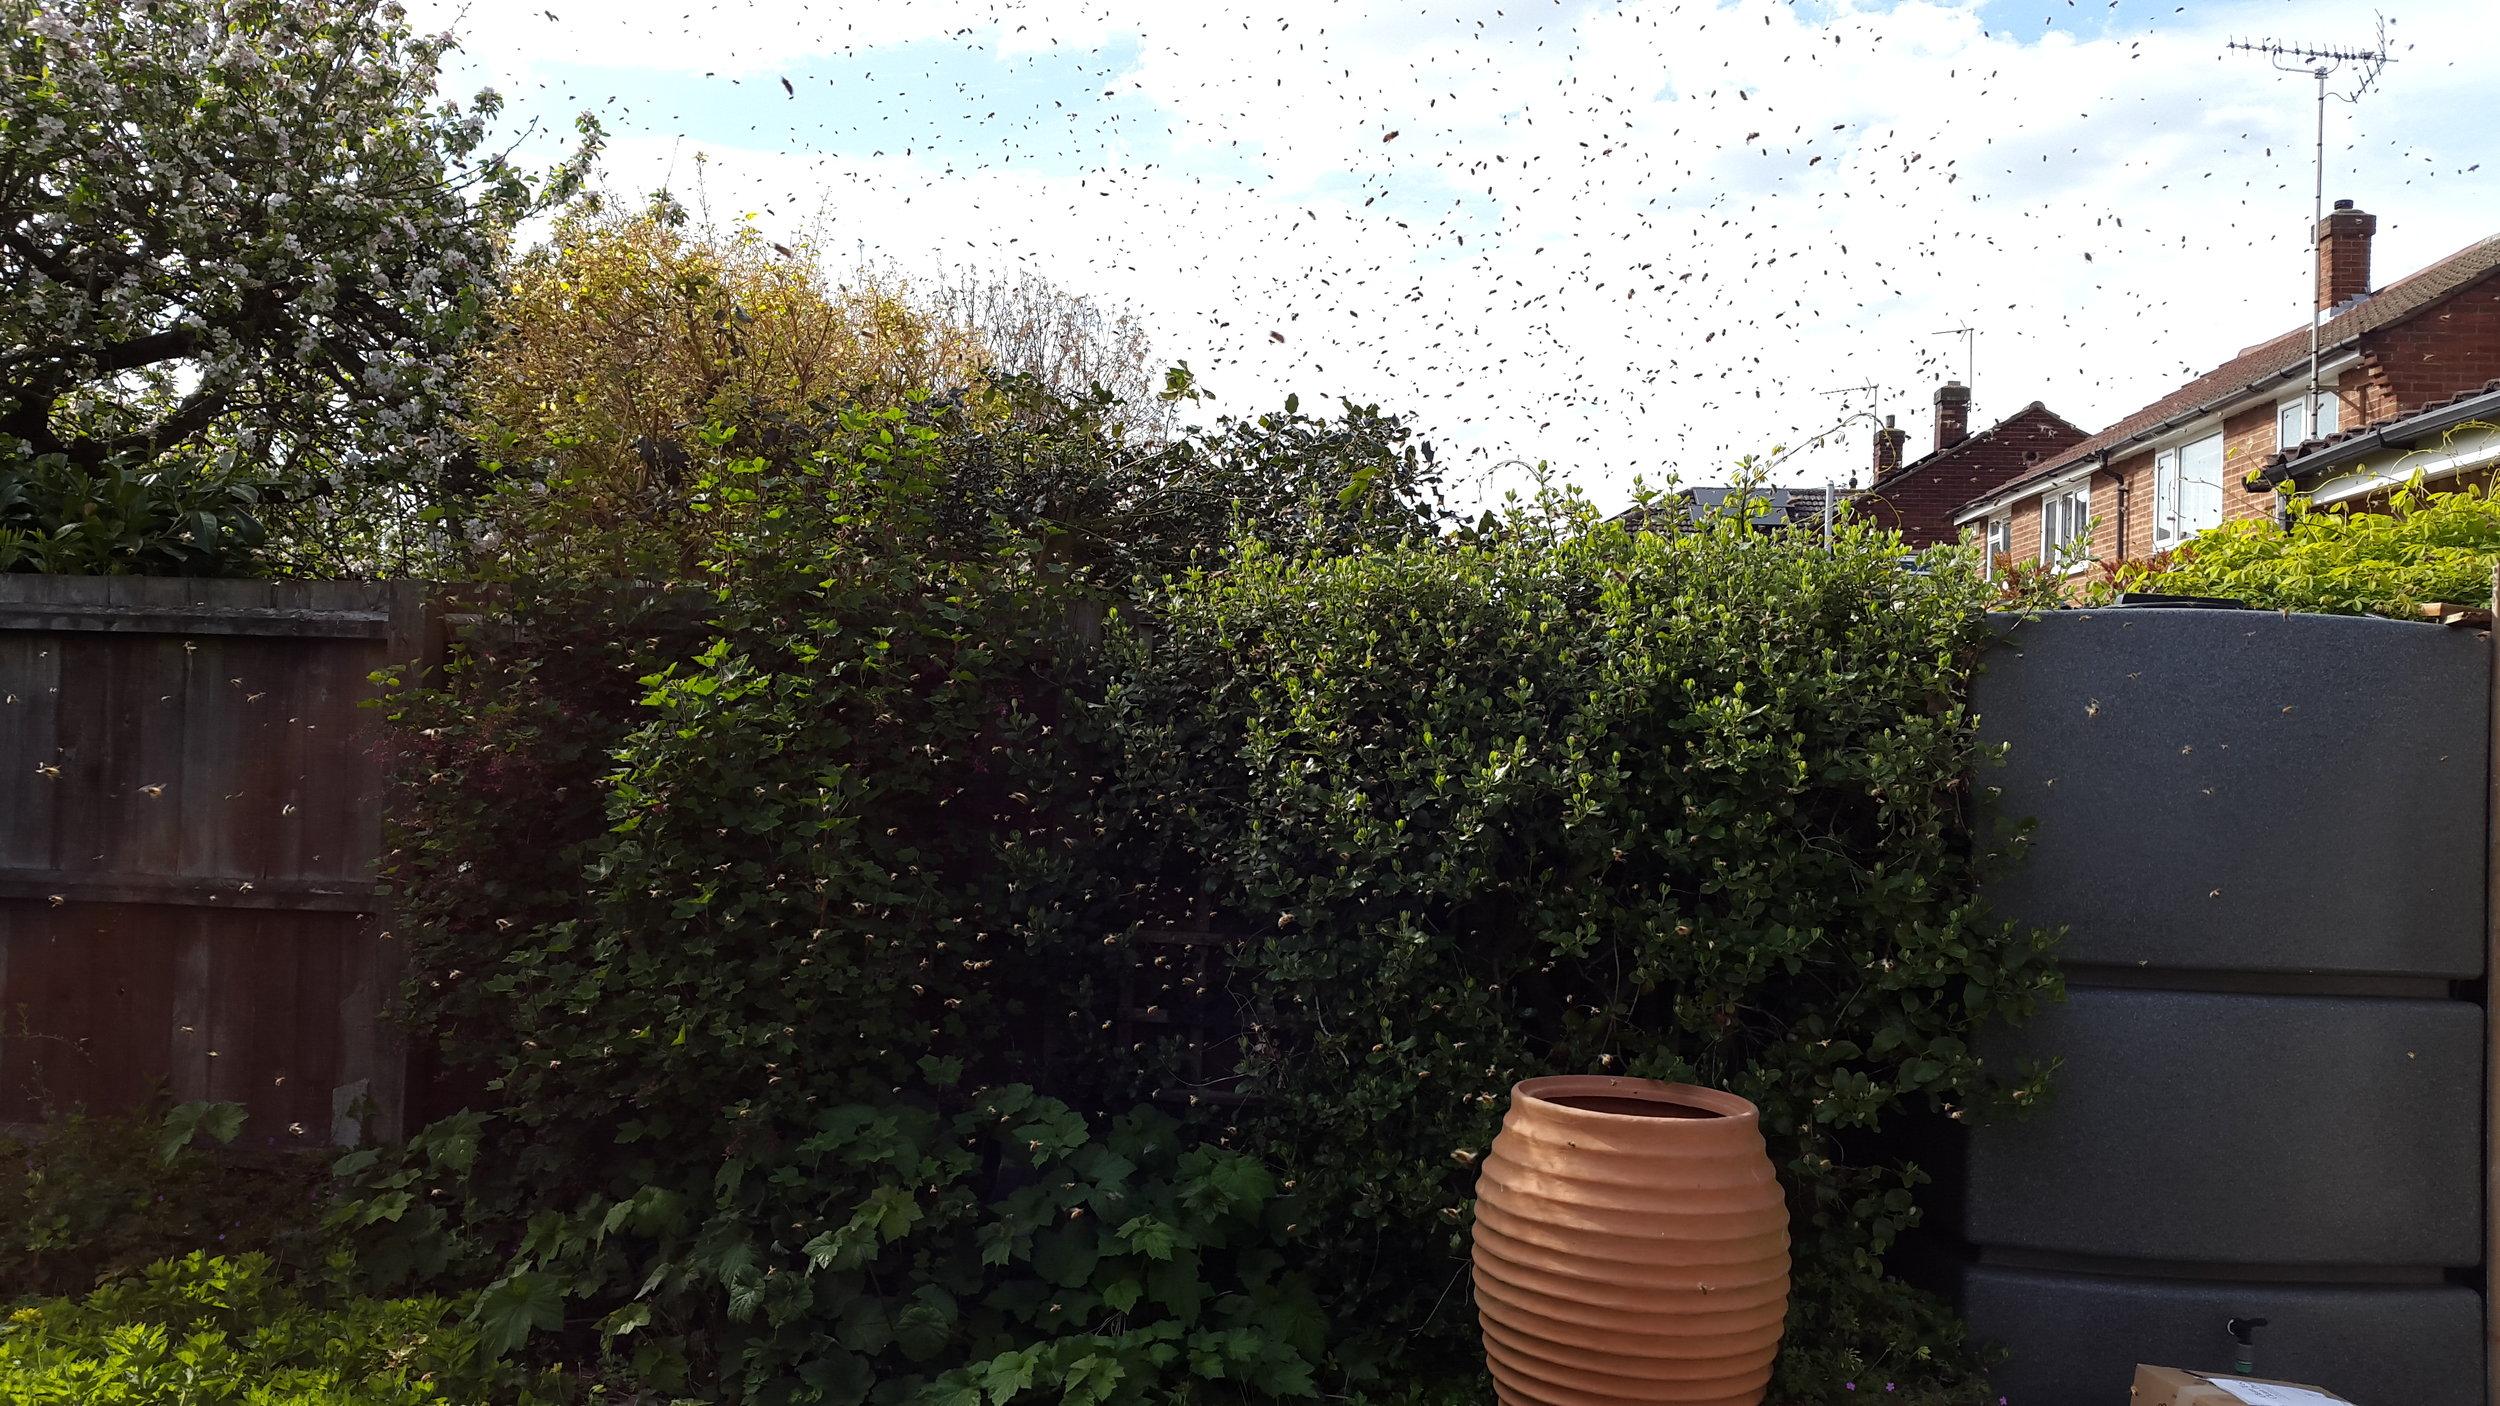 In the bee loud garden